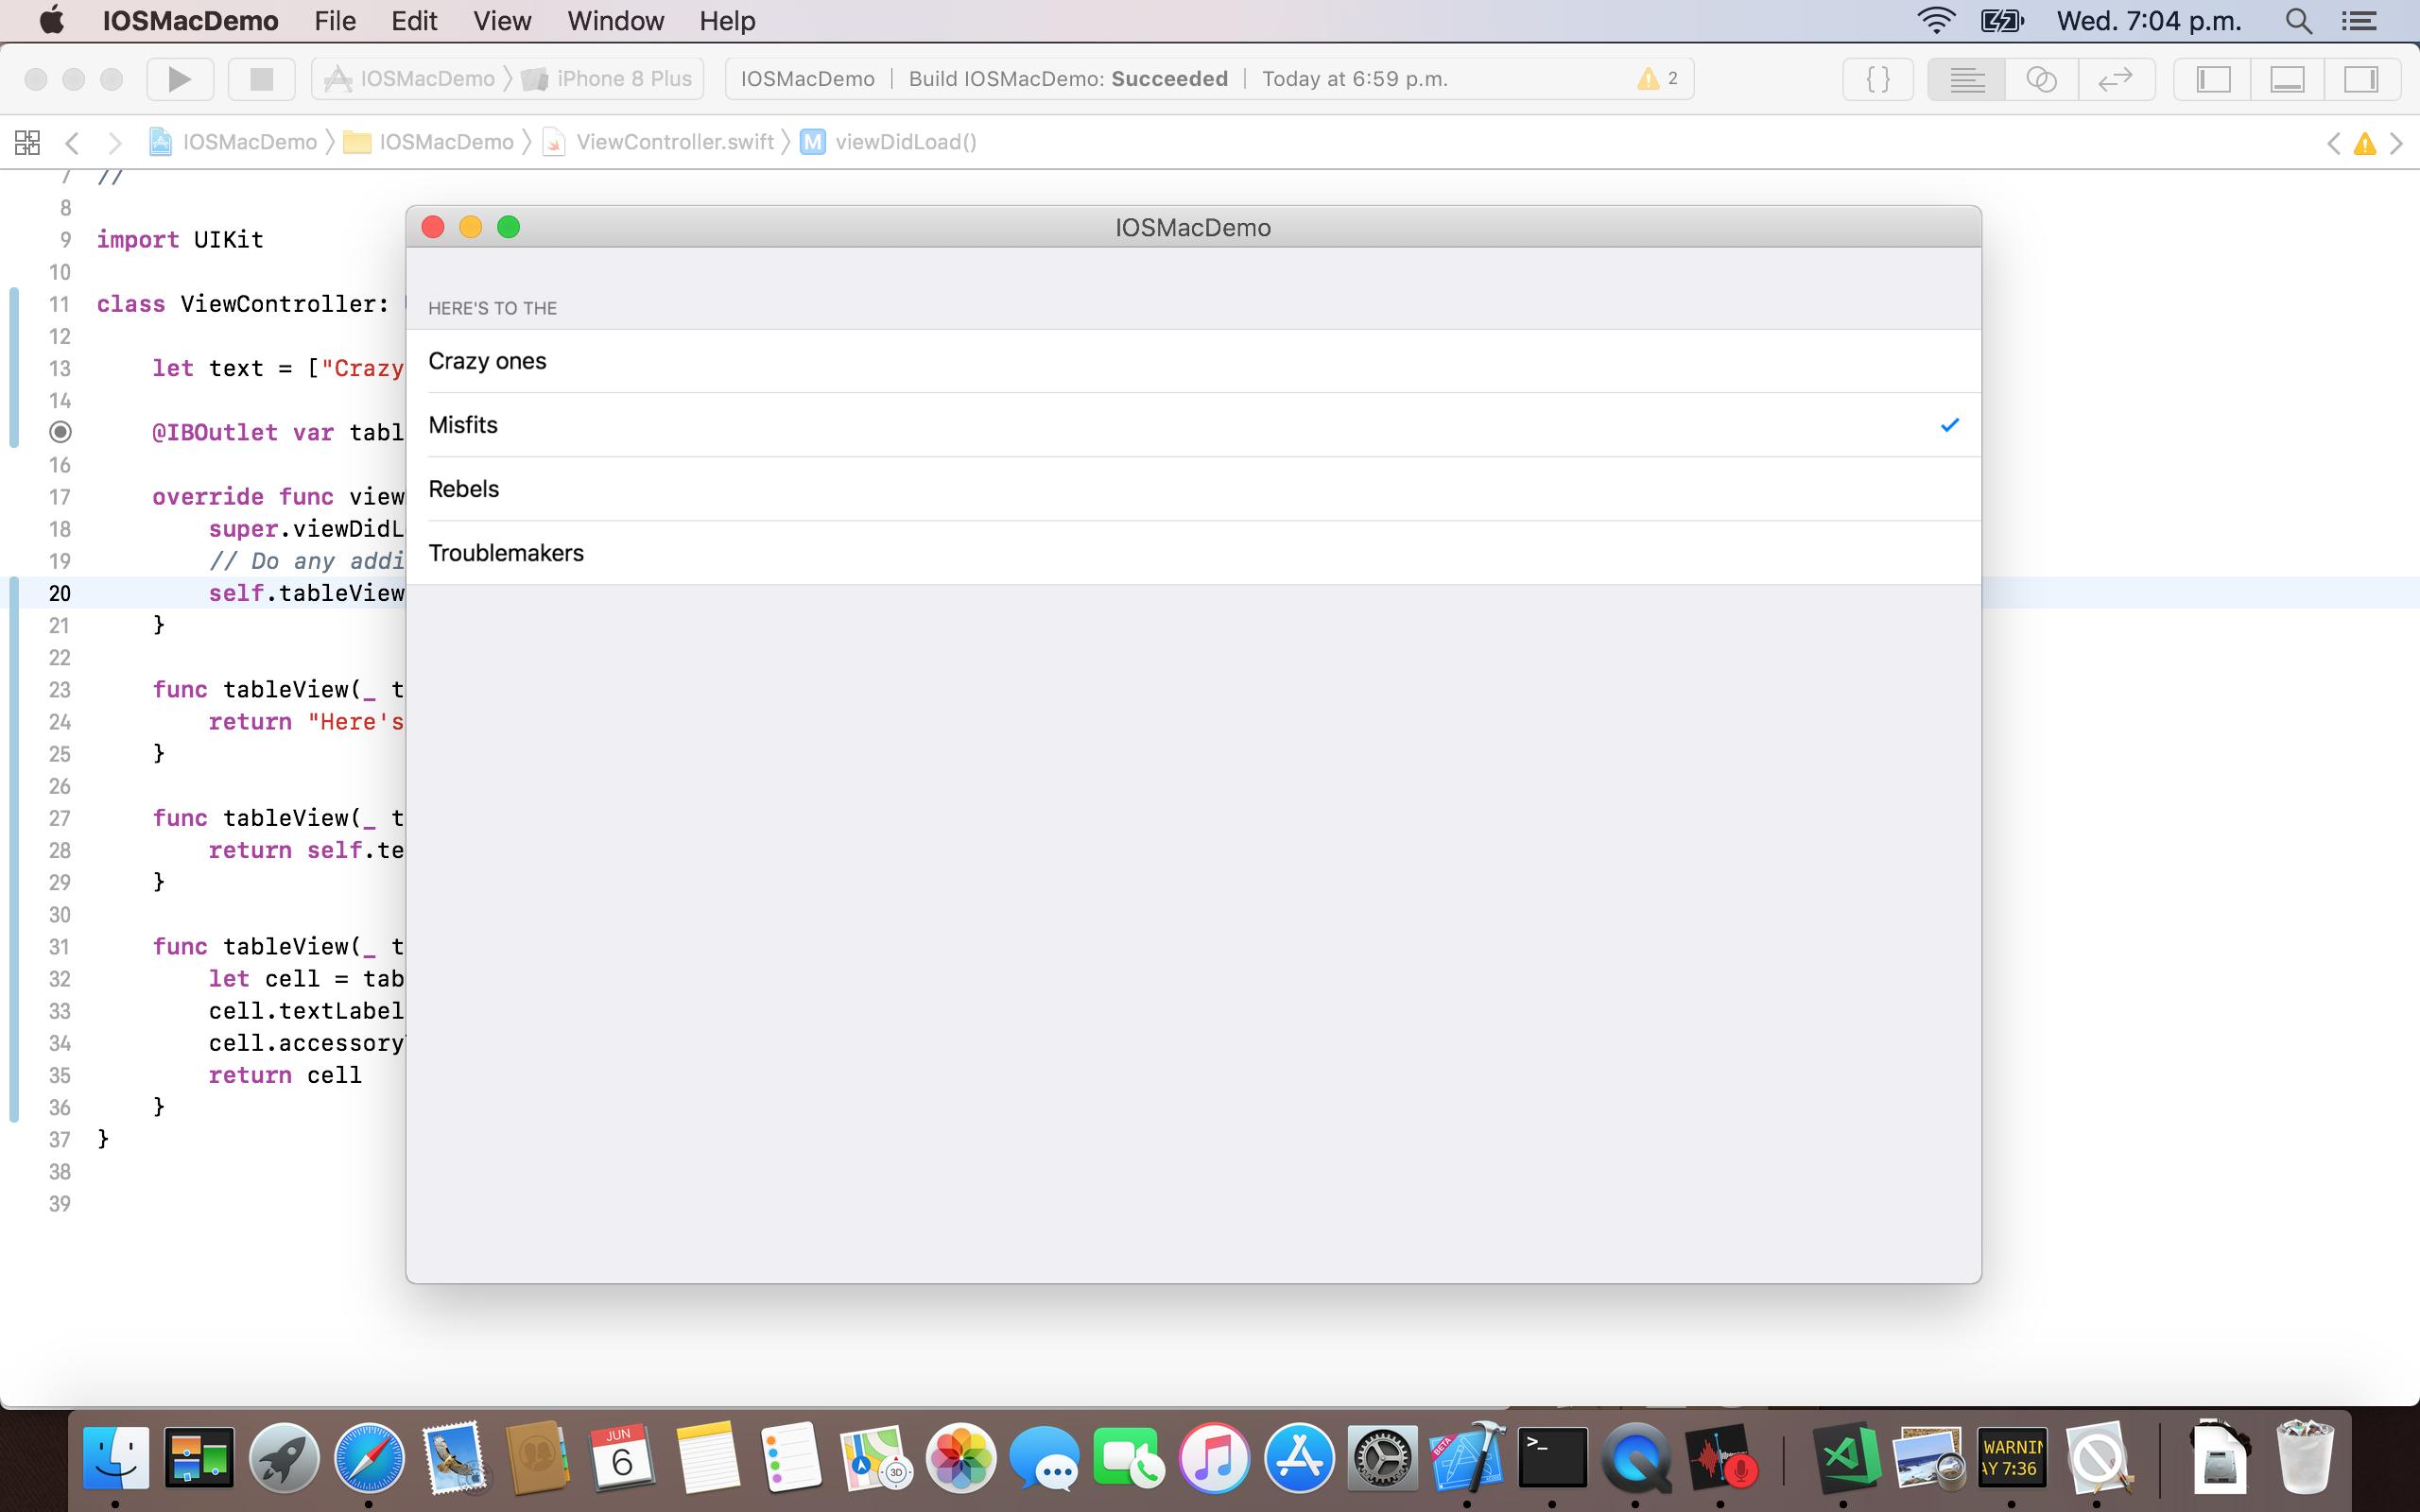 screenshot of an iOSMac app